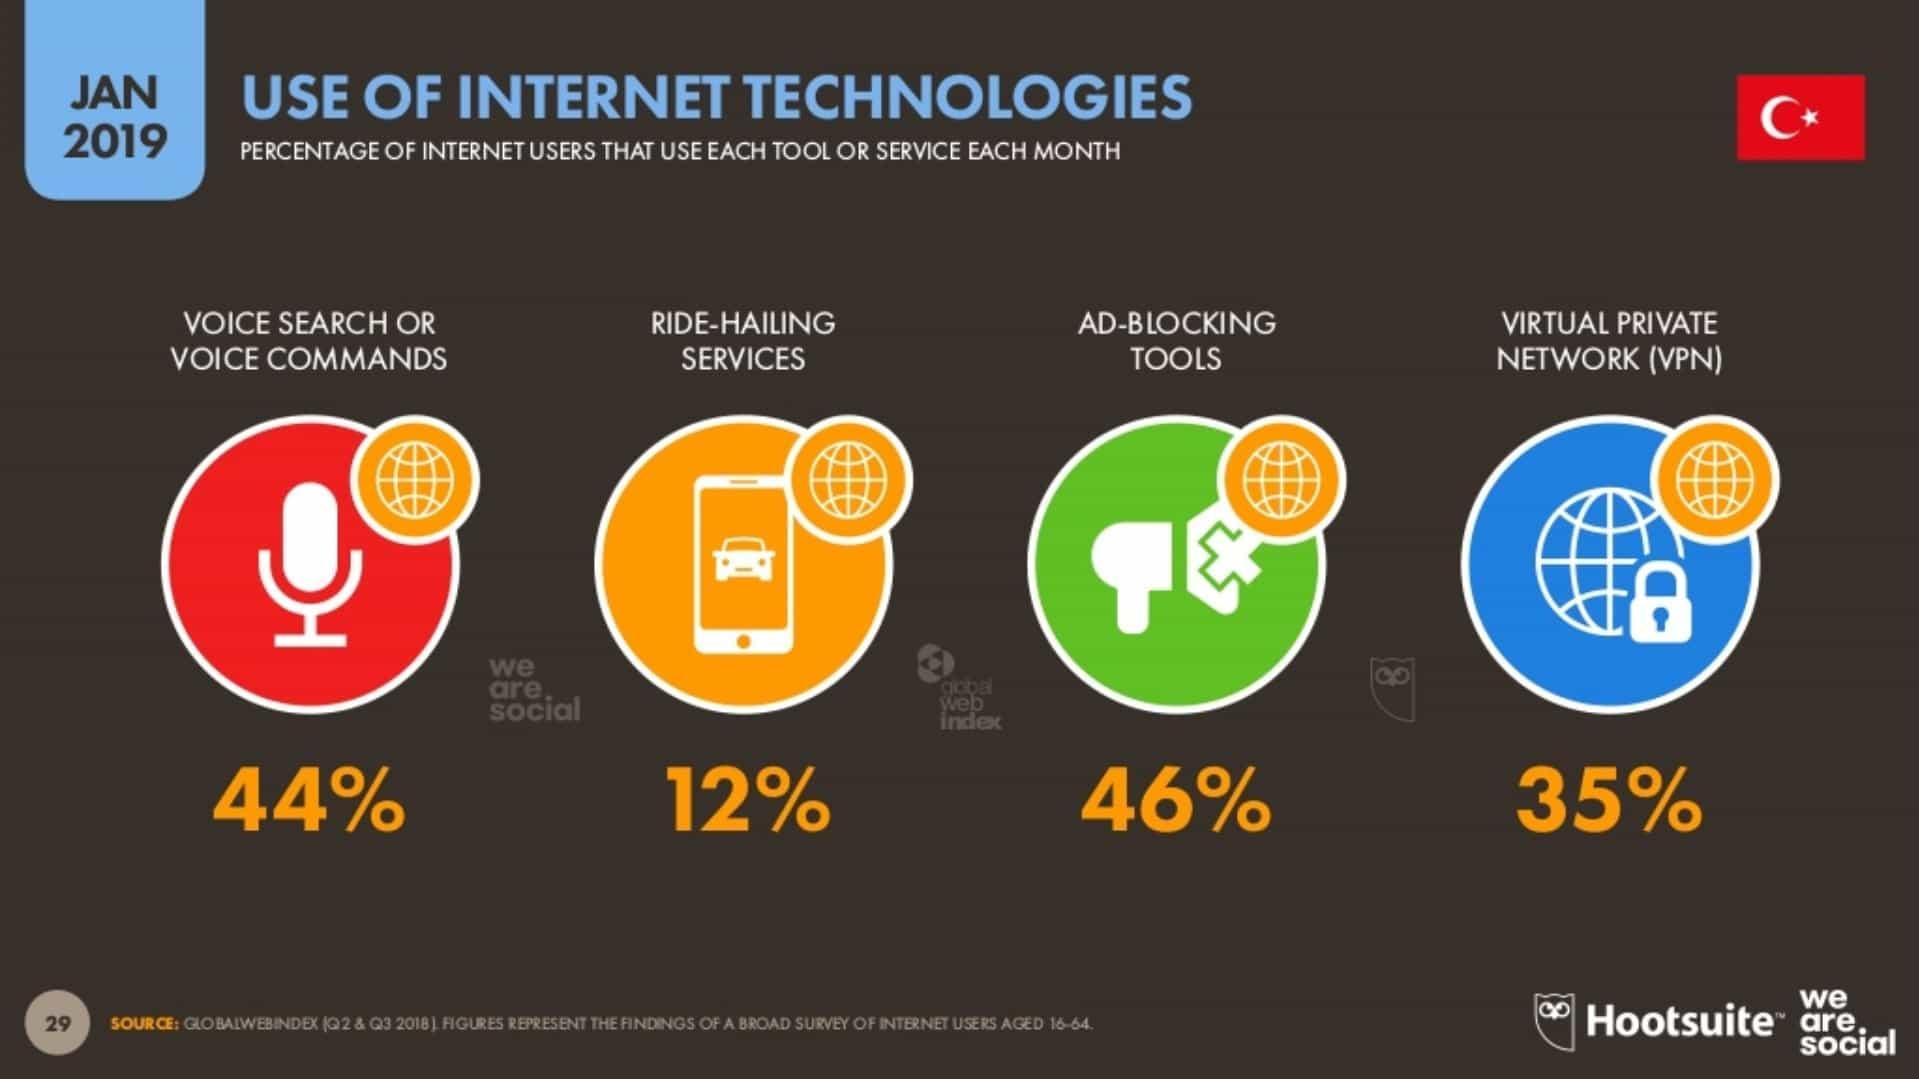 İnternet Teknolojilerini Kullanım Oranı